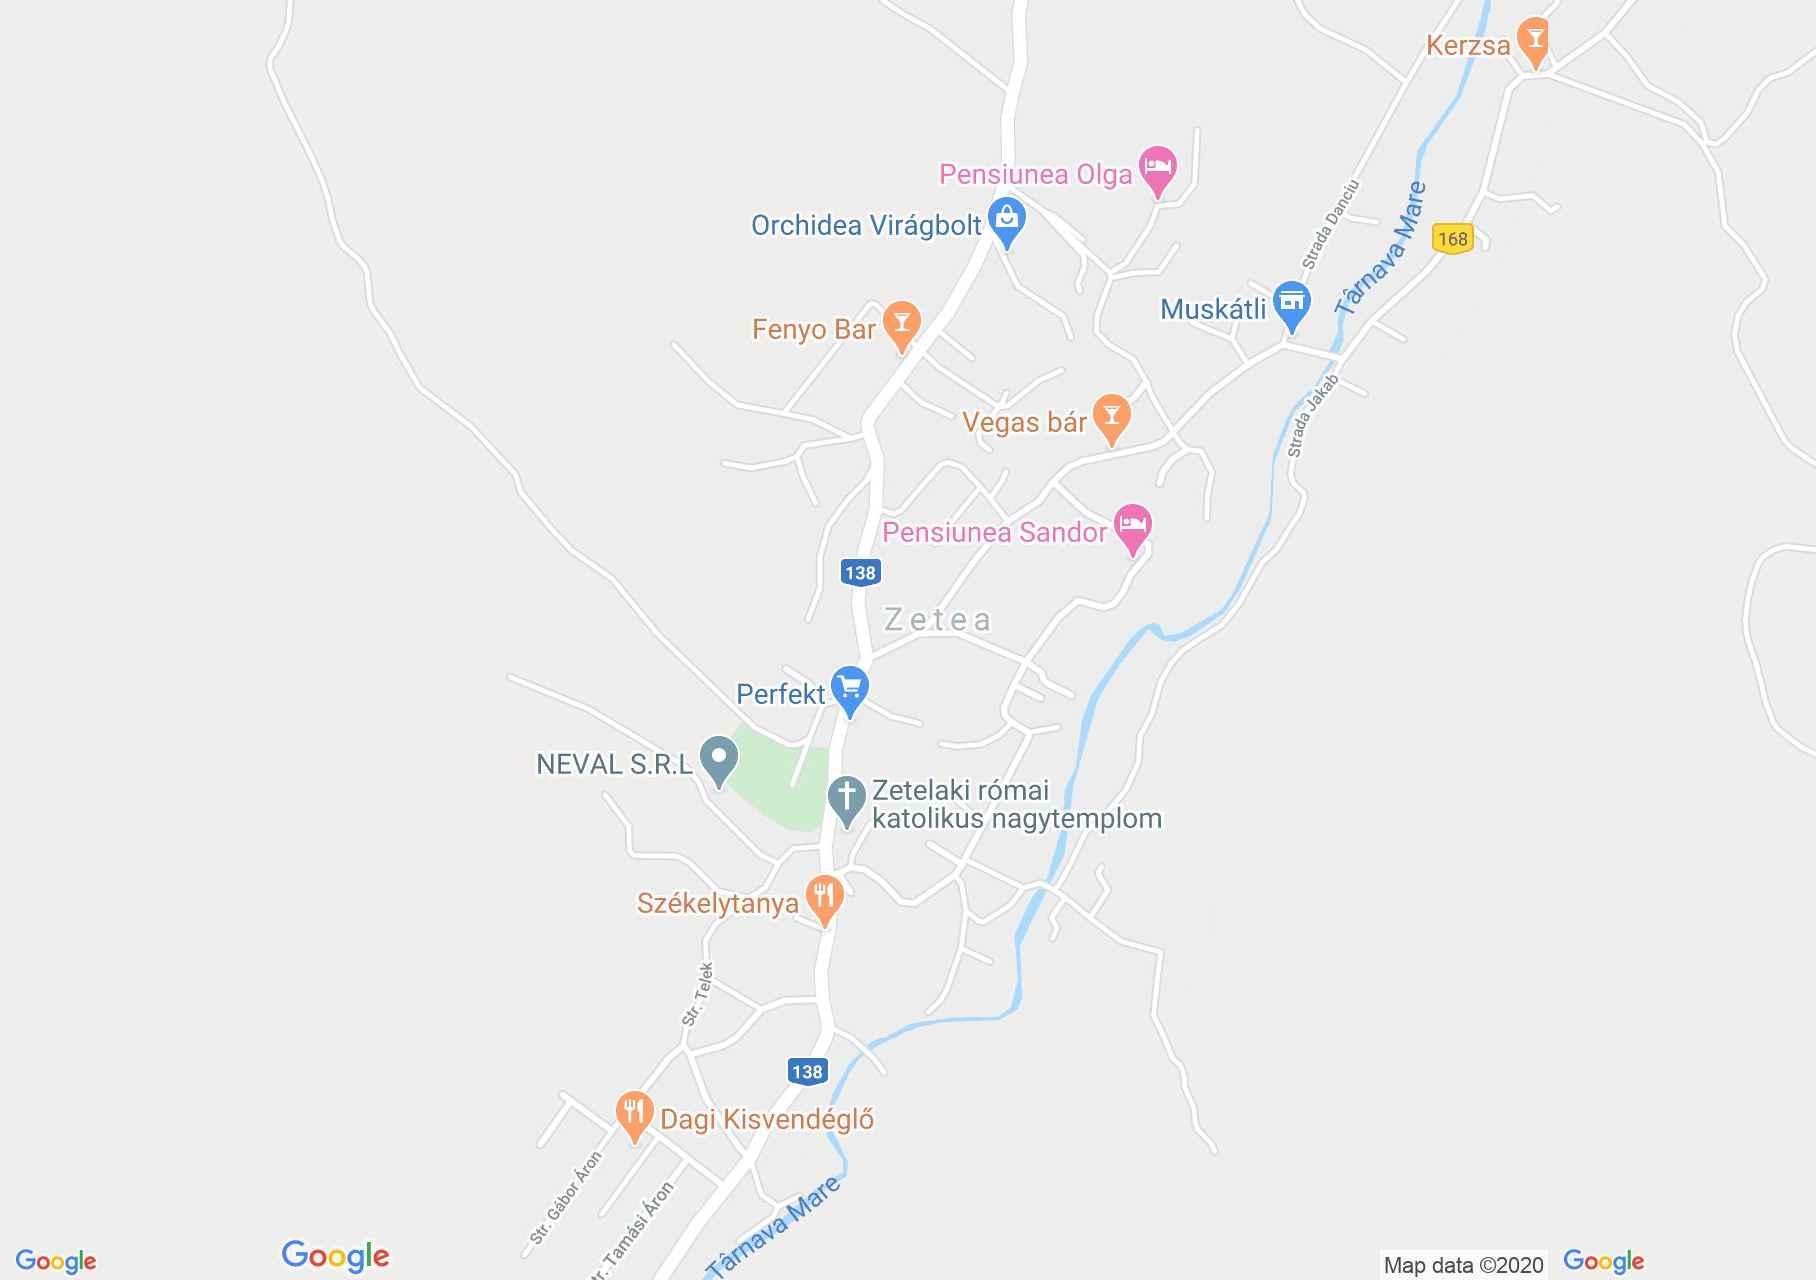 Zetea, Harta turistică interactivă